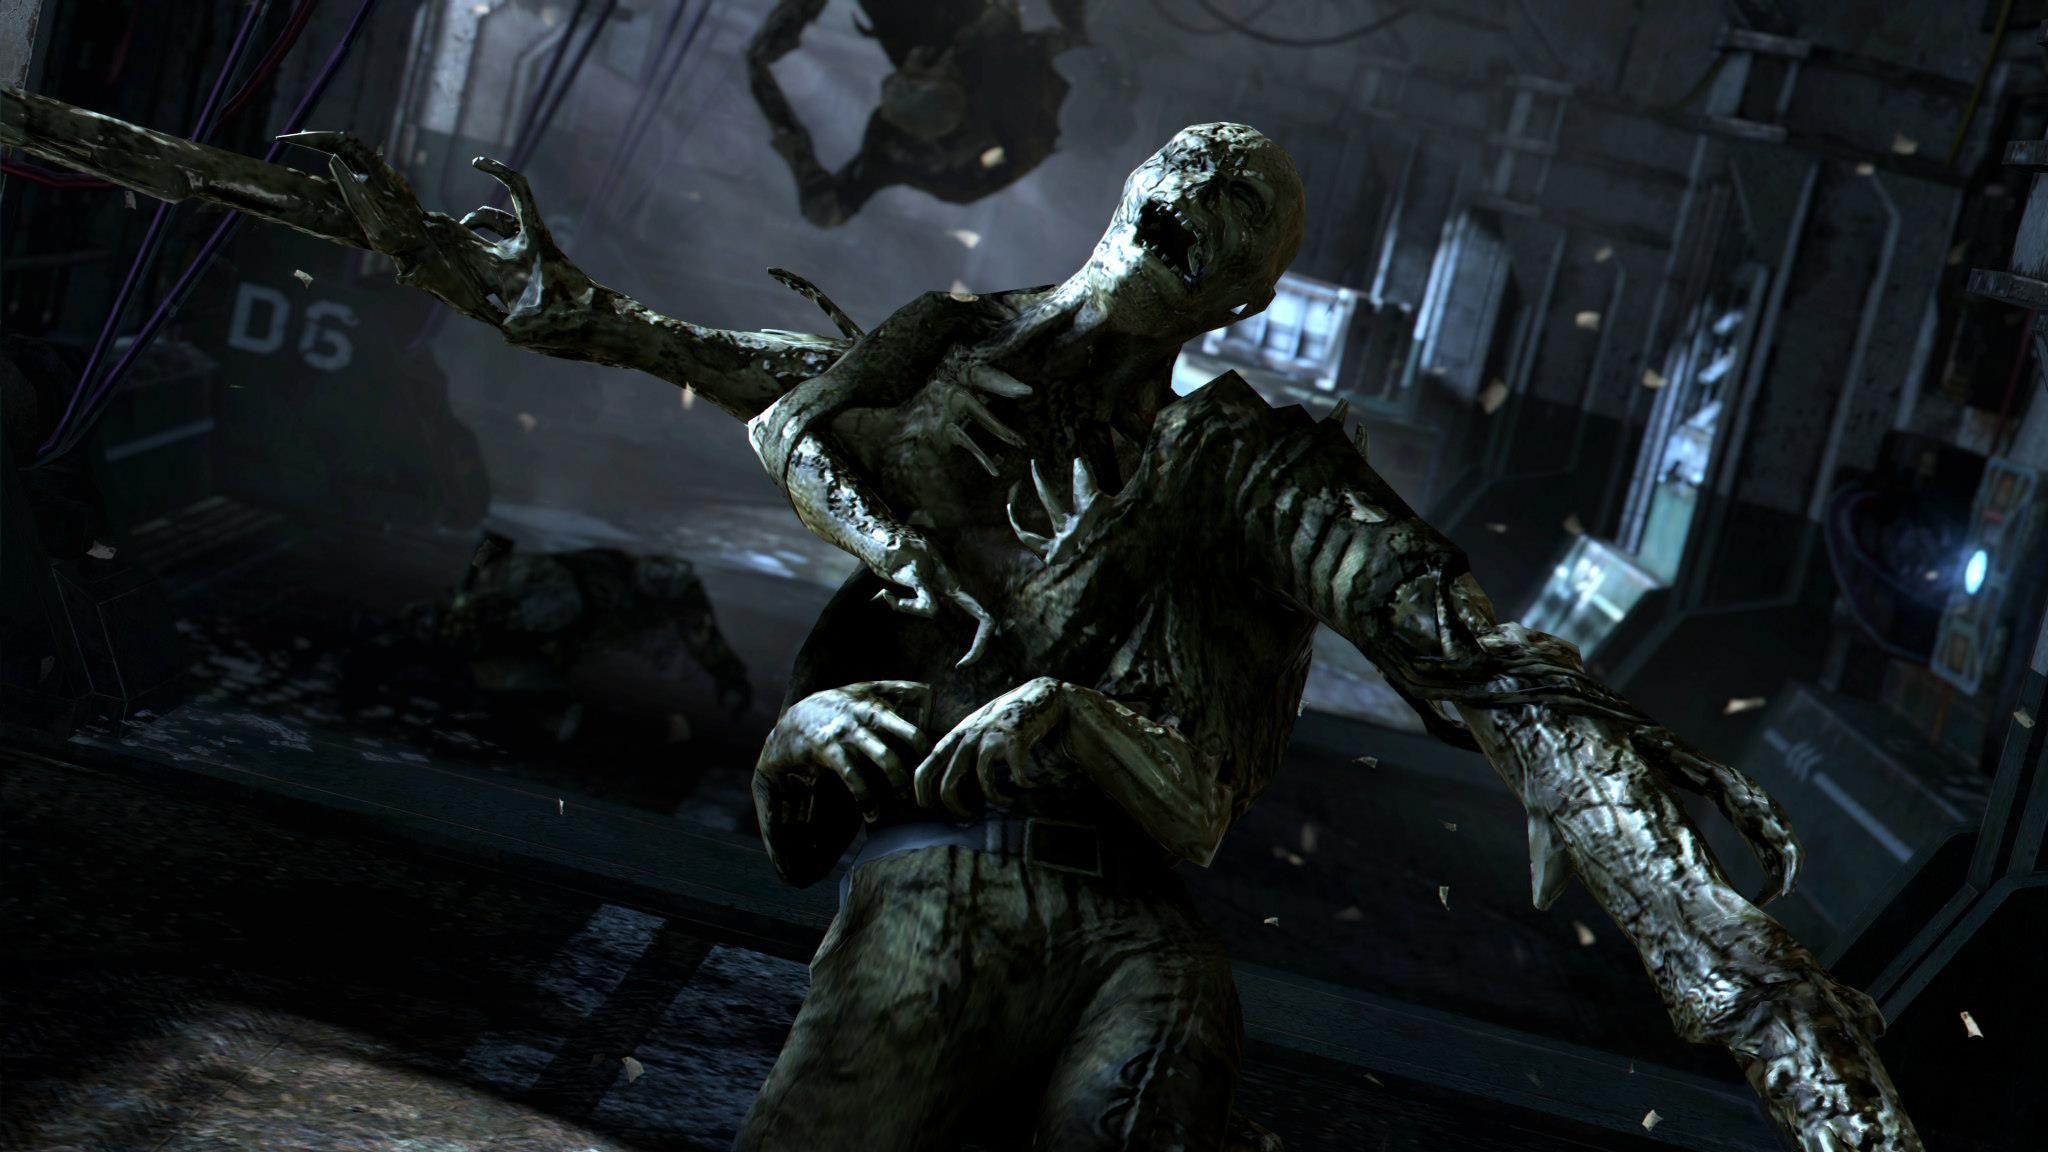 ¿Creías conocer el miedo?  Dead Space 3